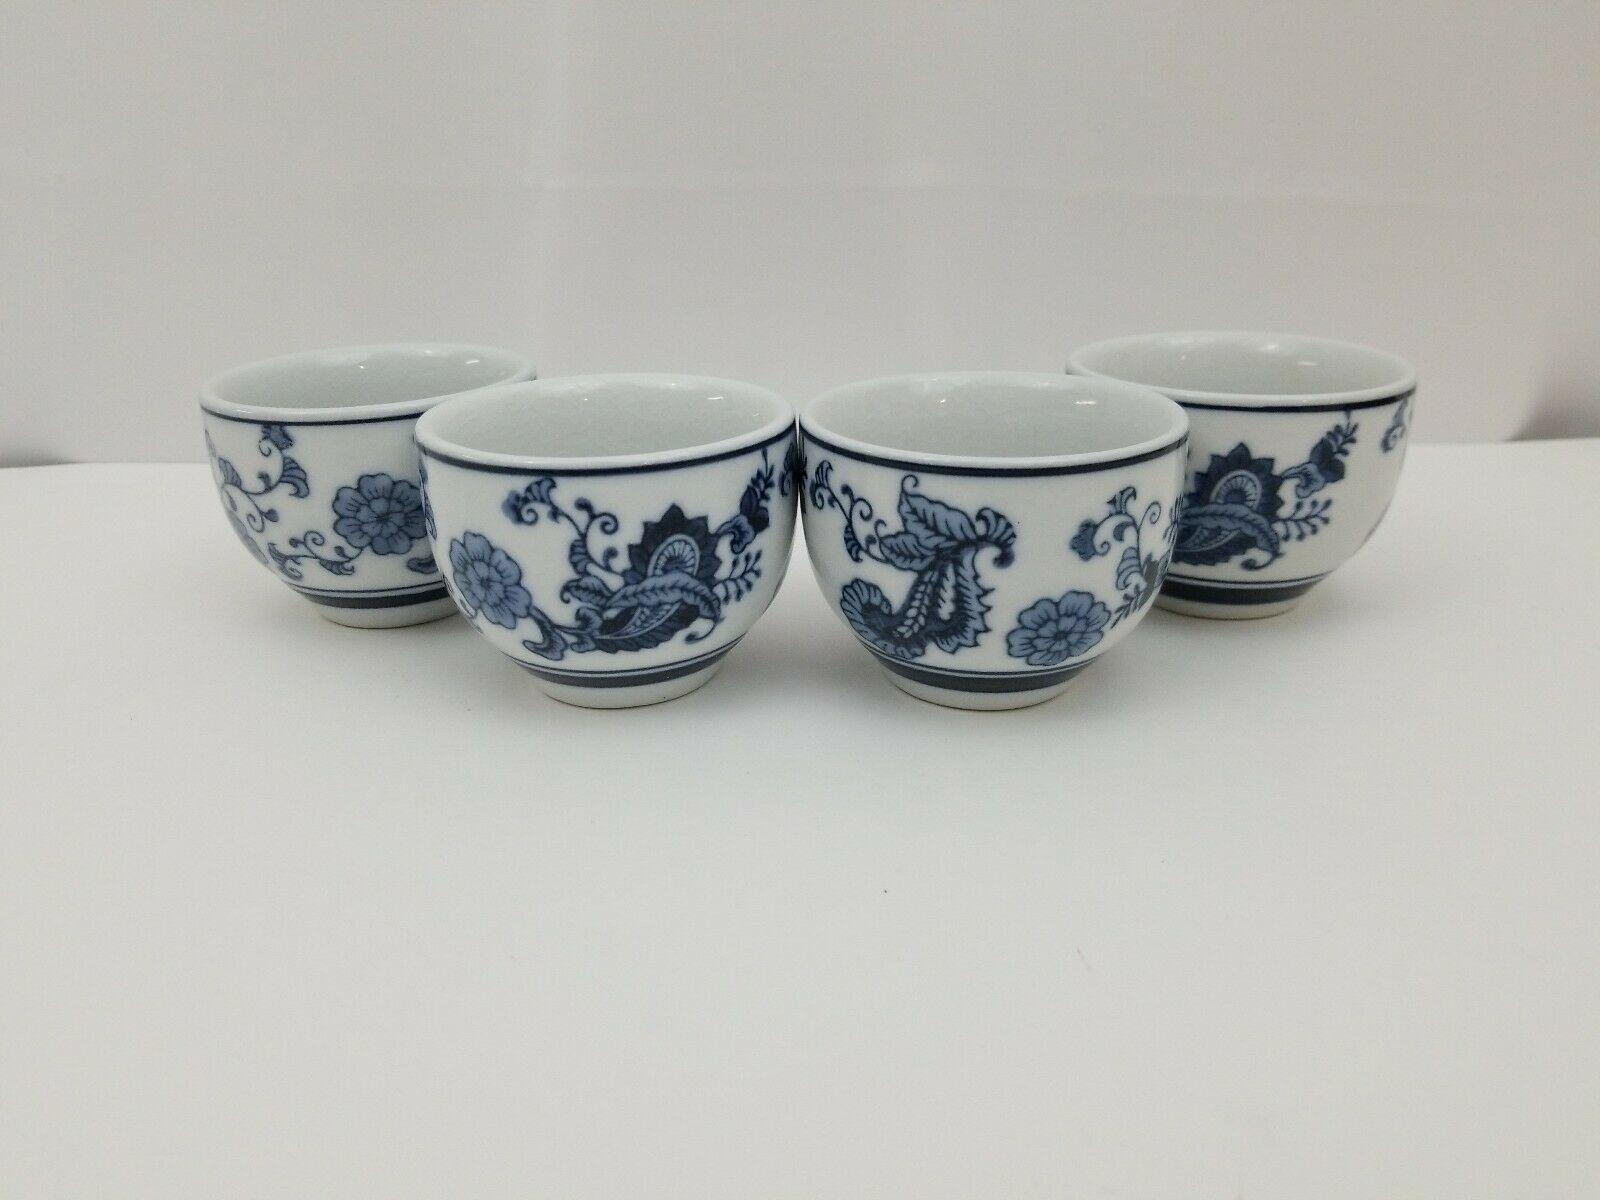 Pier 1 Imports Porcelain Tea Cups Sake Set of 4 White Blue Floral Dish Safe image 12